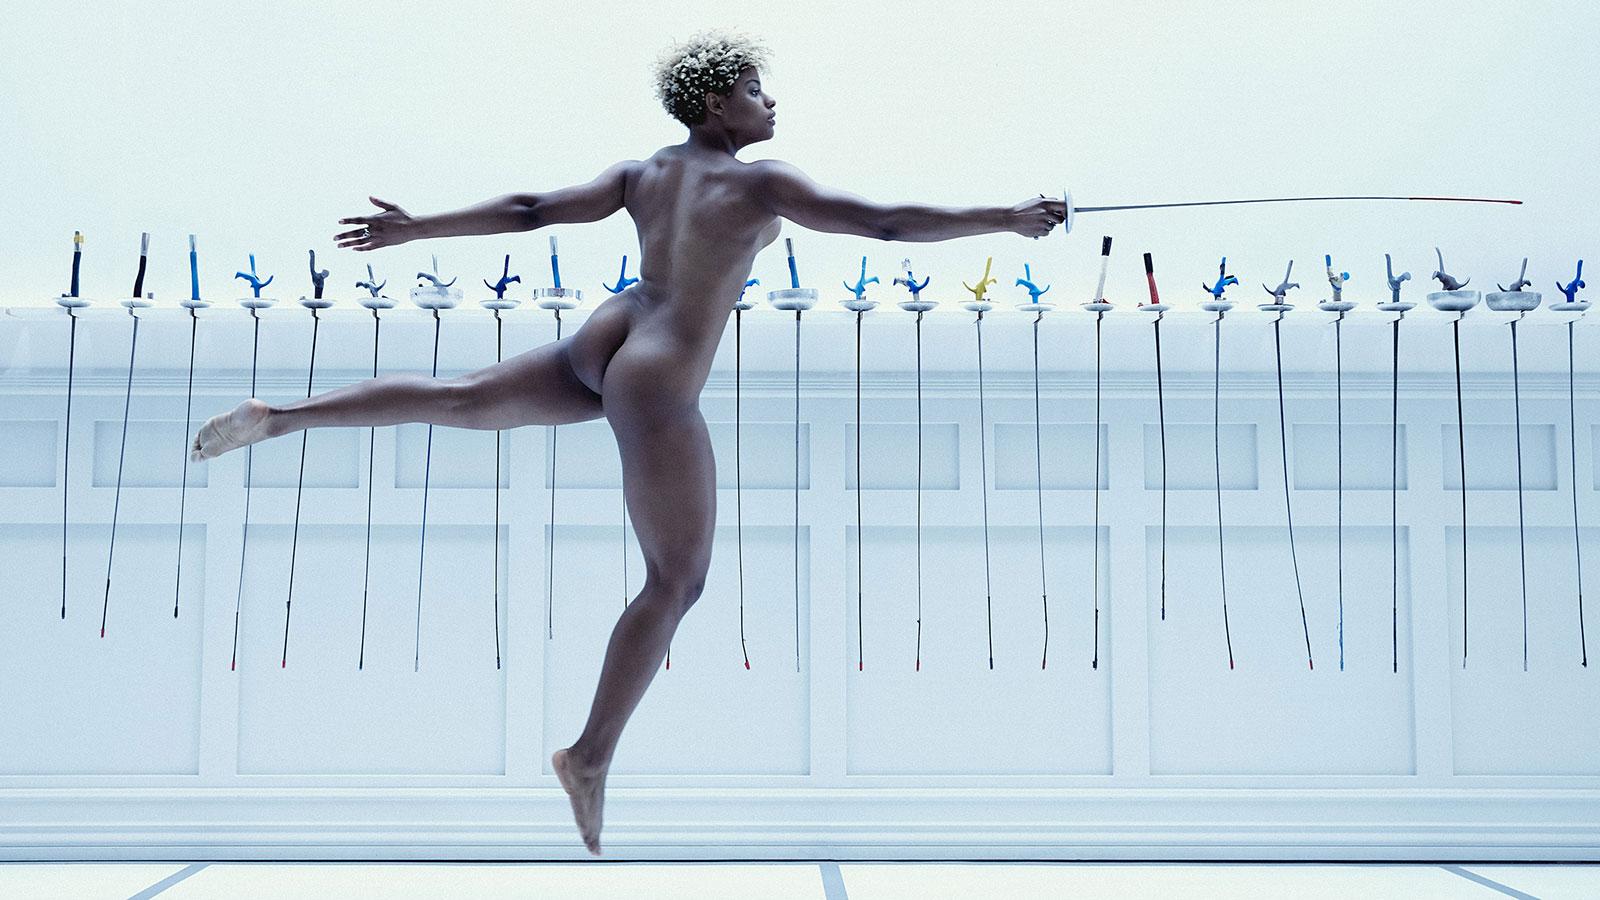 Nzinga Prescod. В ежегодной фотосессии Body Issue для журнала ESPN приняли участие 20 известных спортсменов